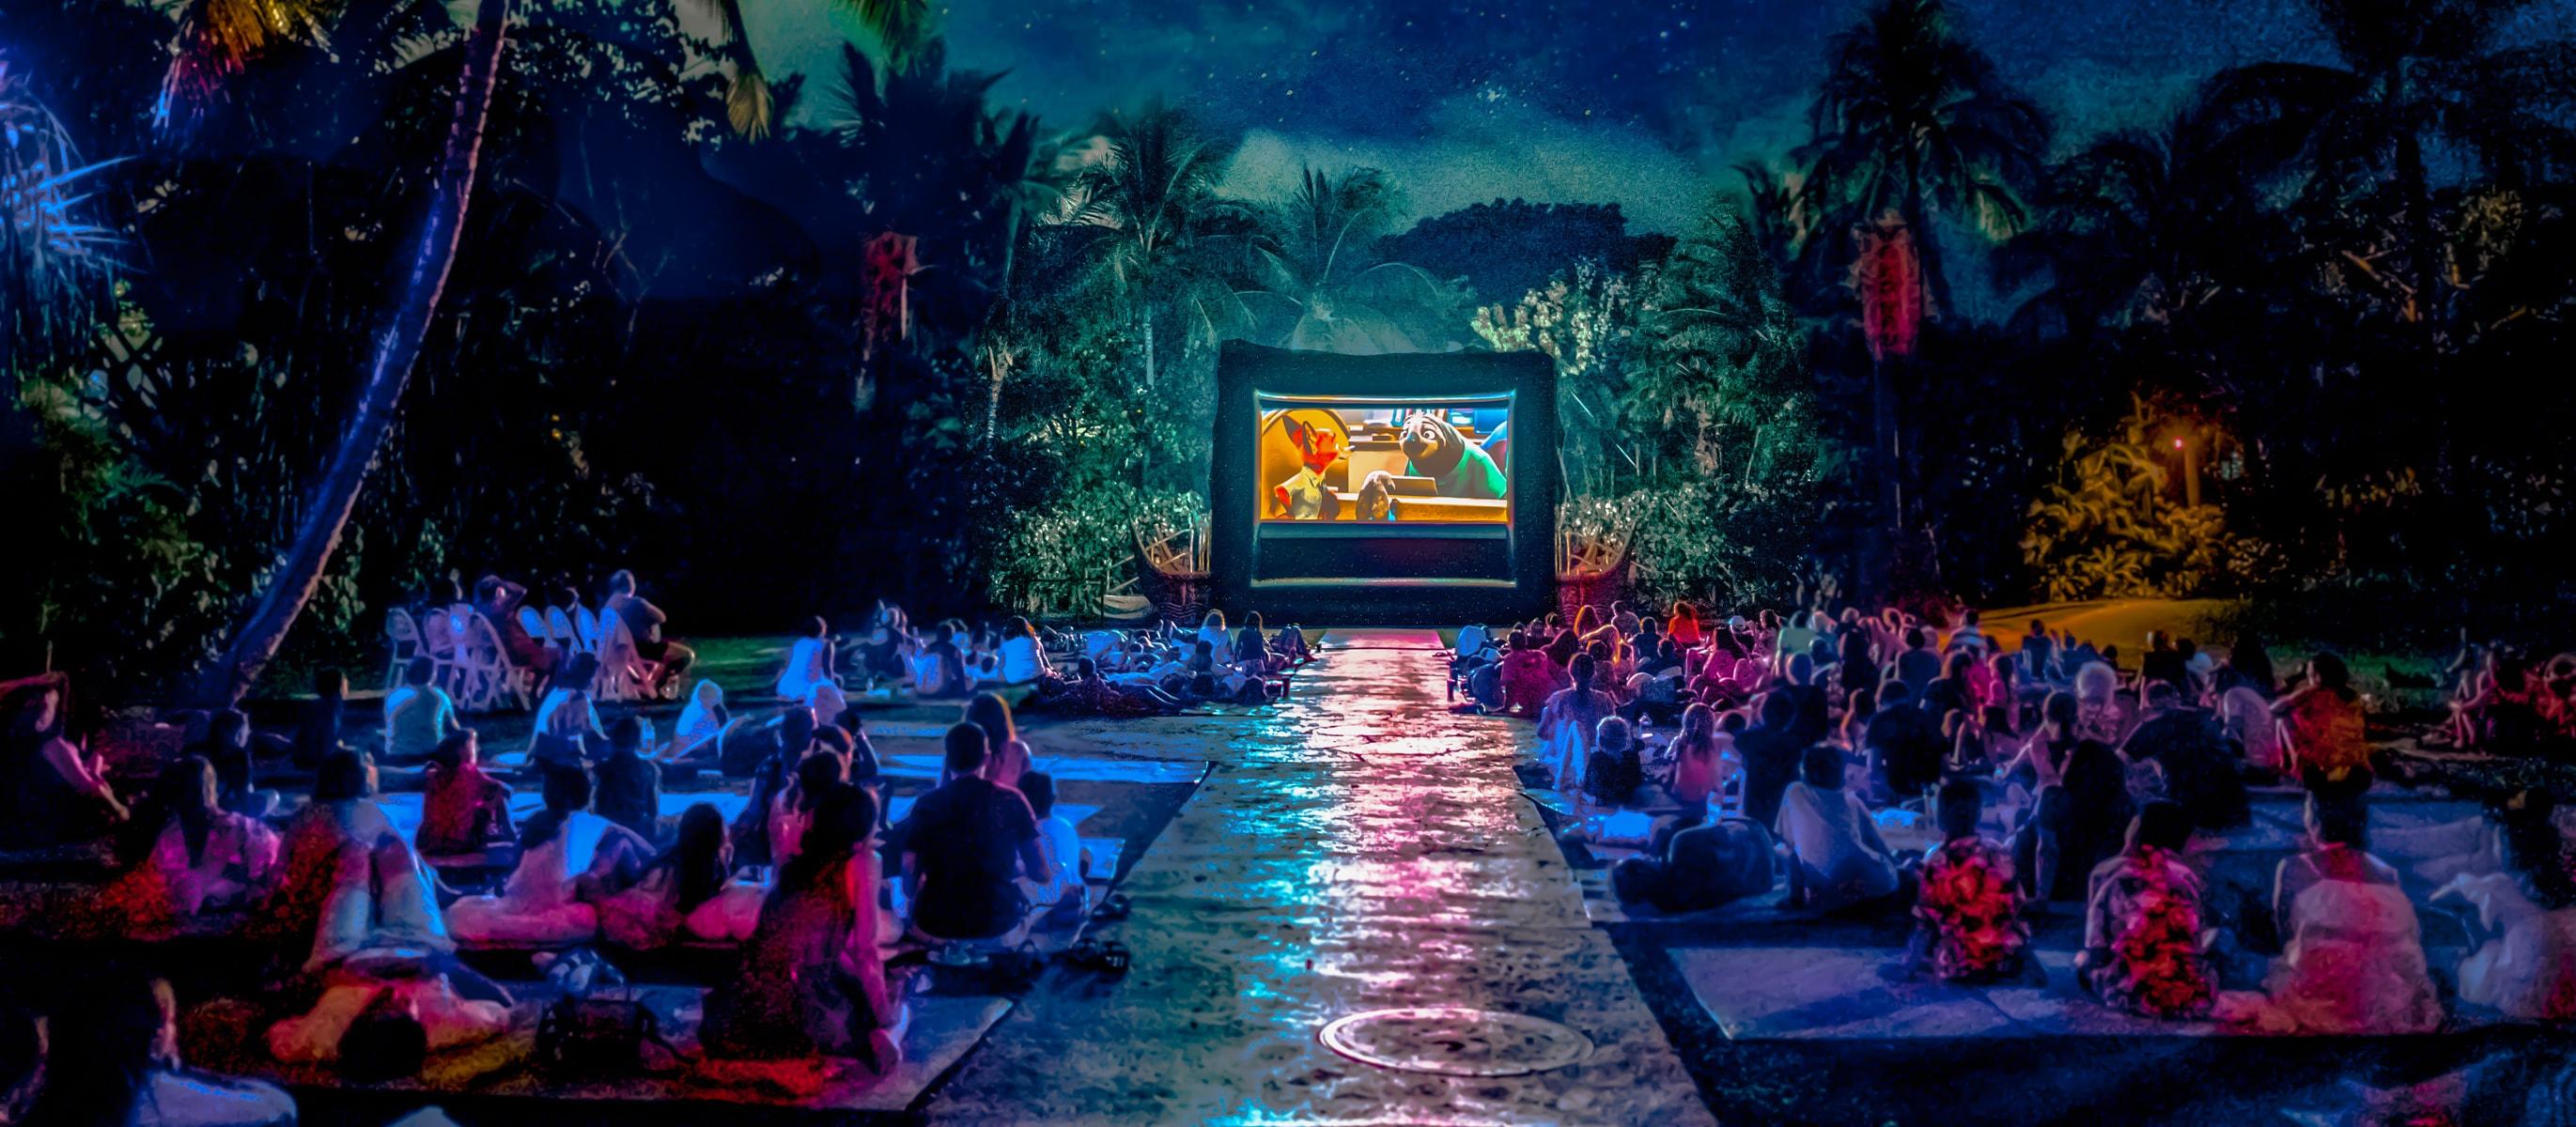 日没後、広い芝生の上で映画を観る人たち